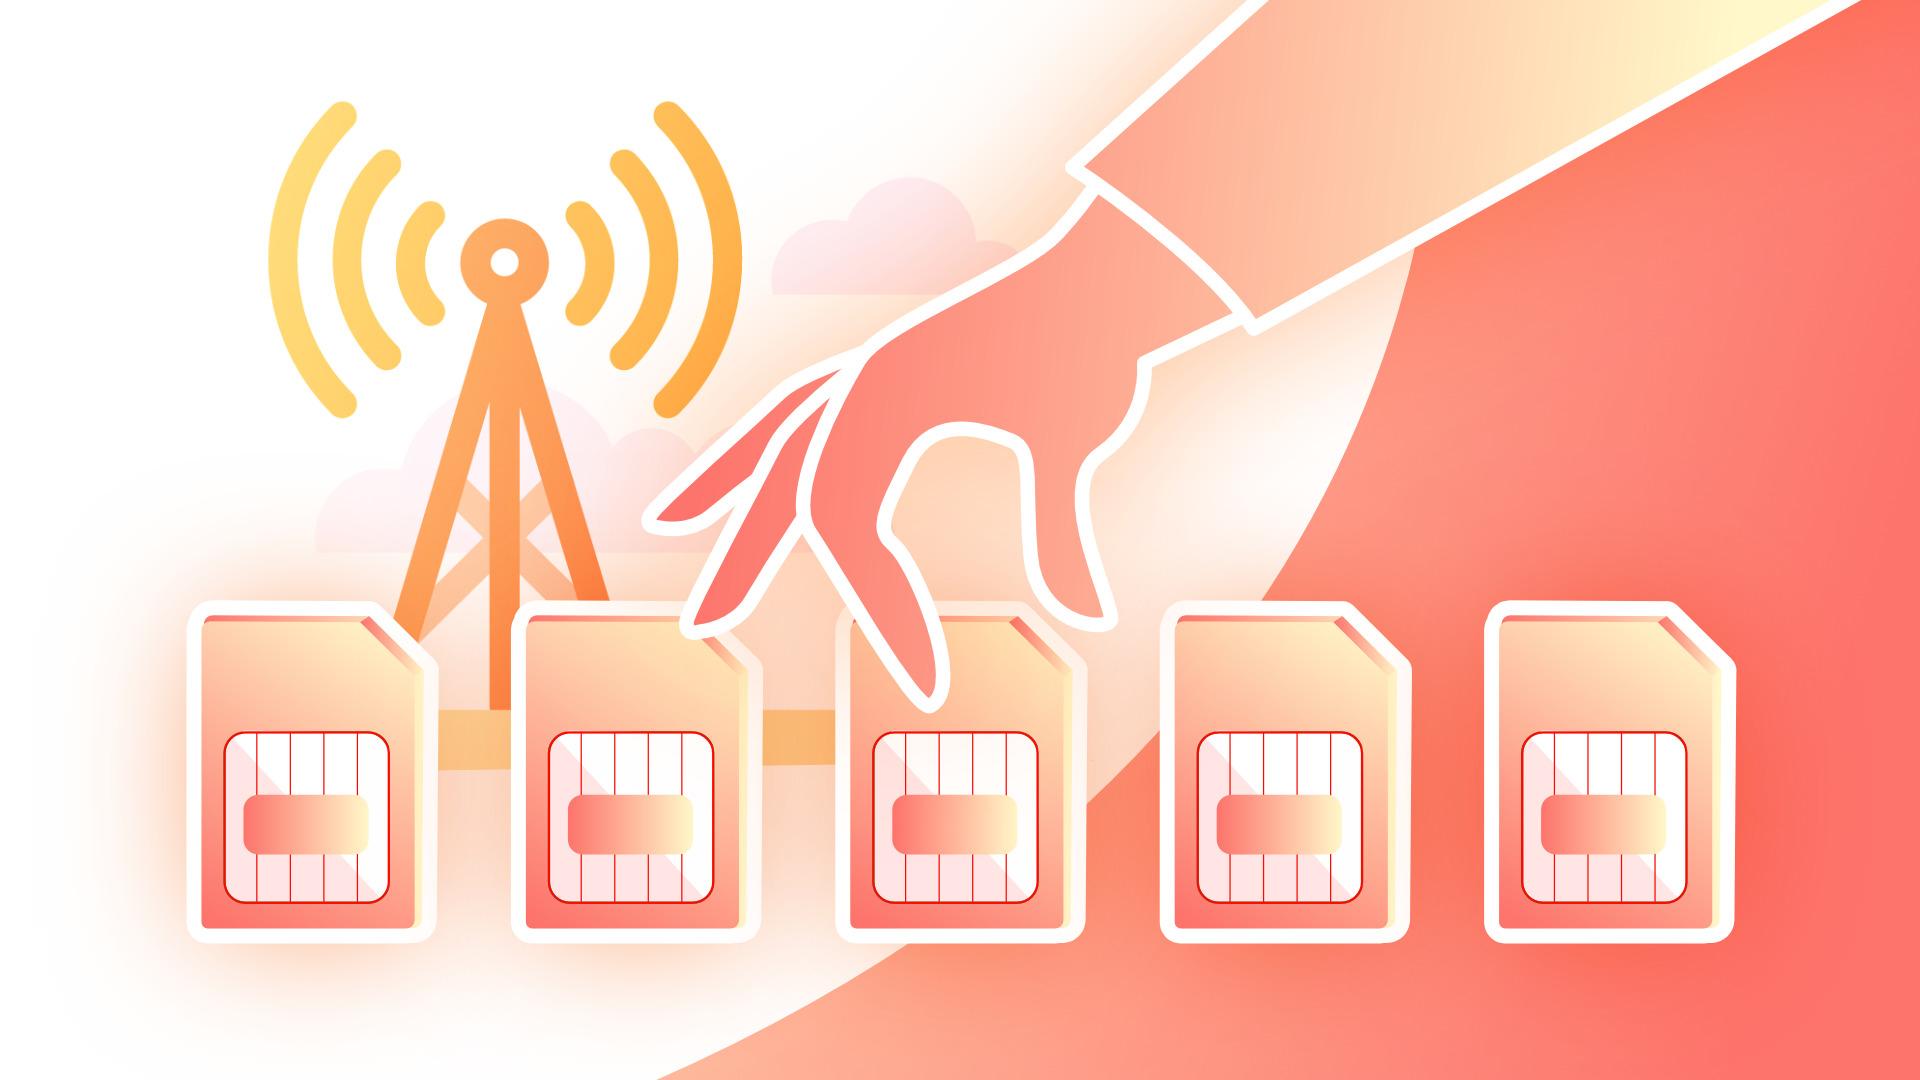 Verifiez Quel Est Le Meilleur Operateur Mobile Qui Propose Reseau En 3G Et 4G France Metropolitaine Mais Aussi Lequel Des 4 Avance